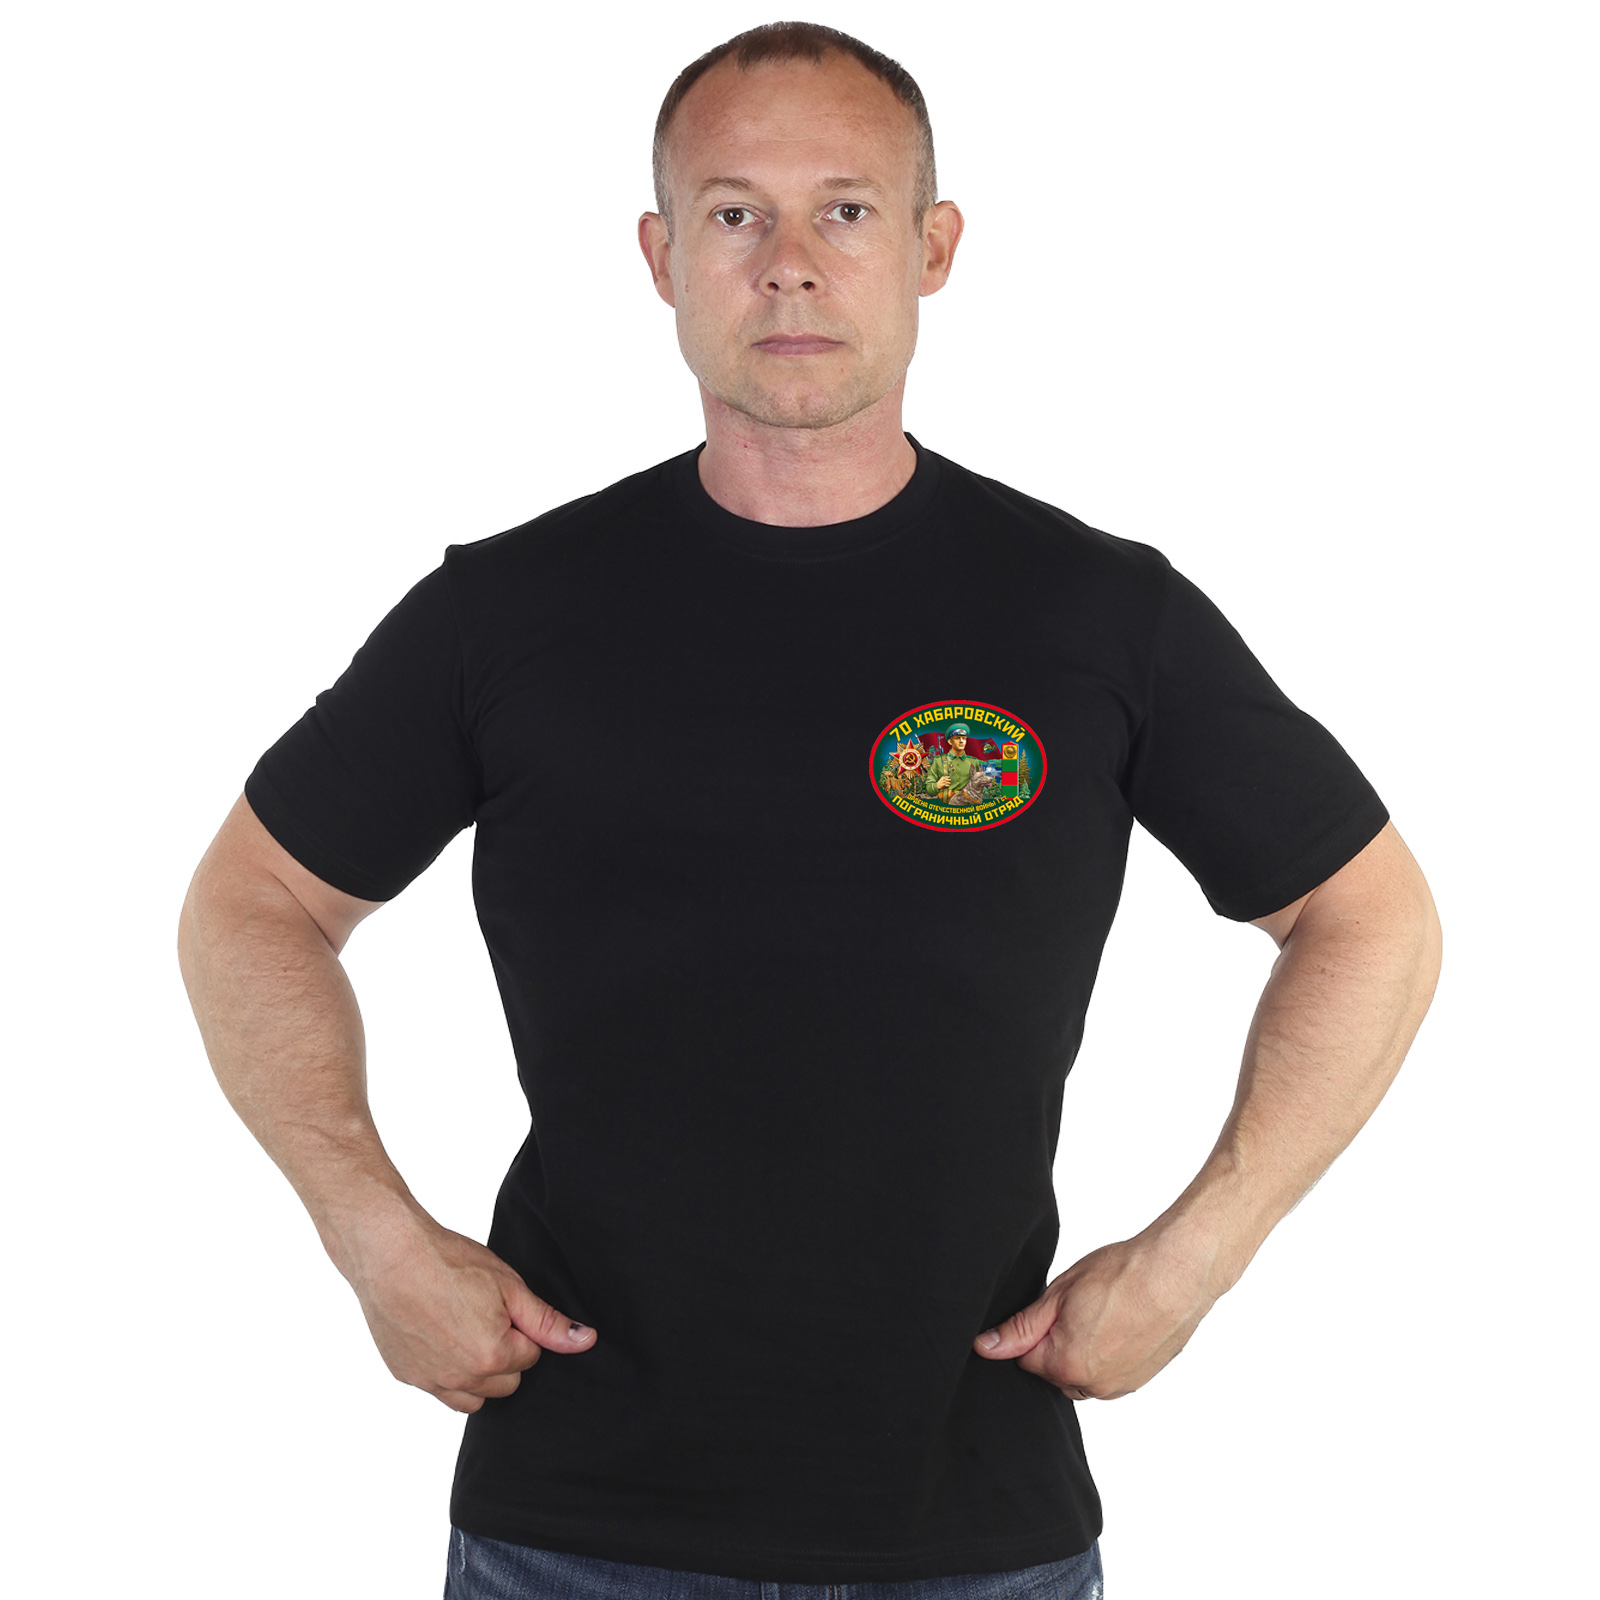 Купить футболку 70-й Хабаровский пограничный отряд